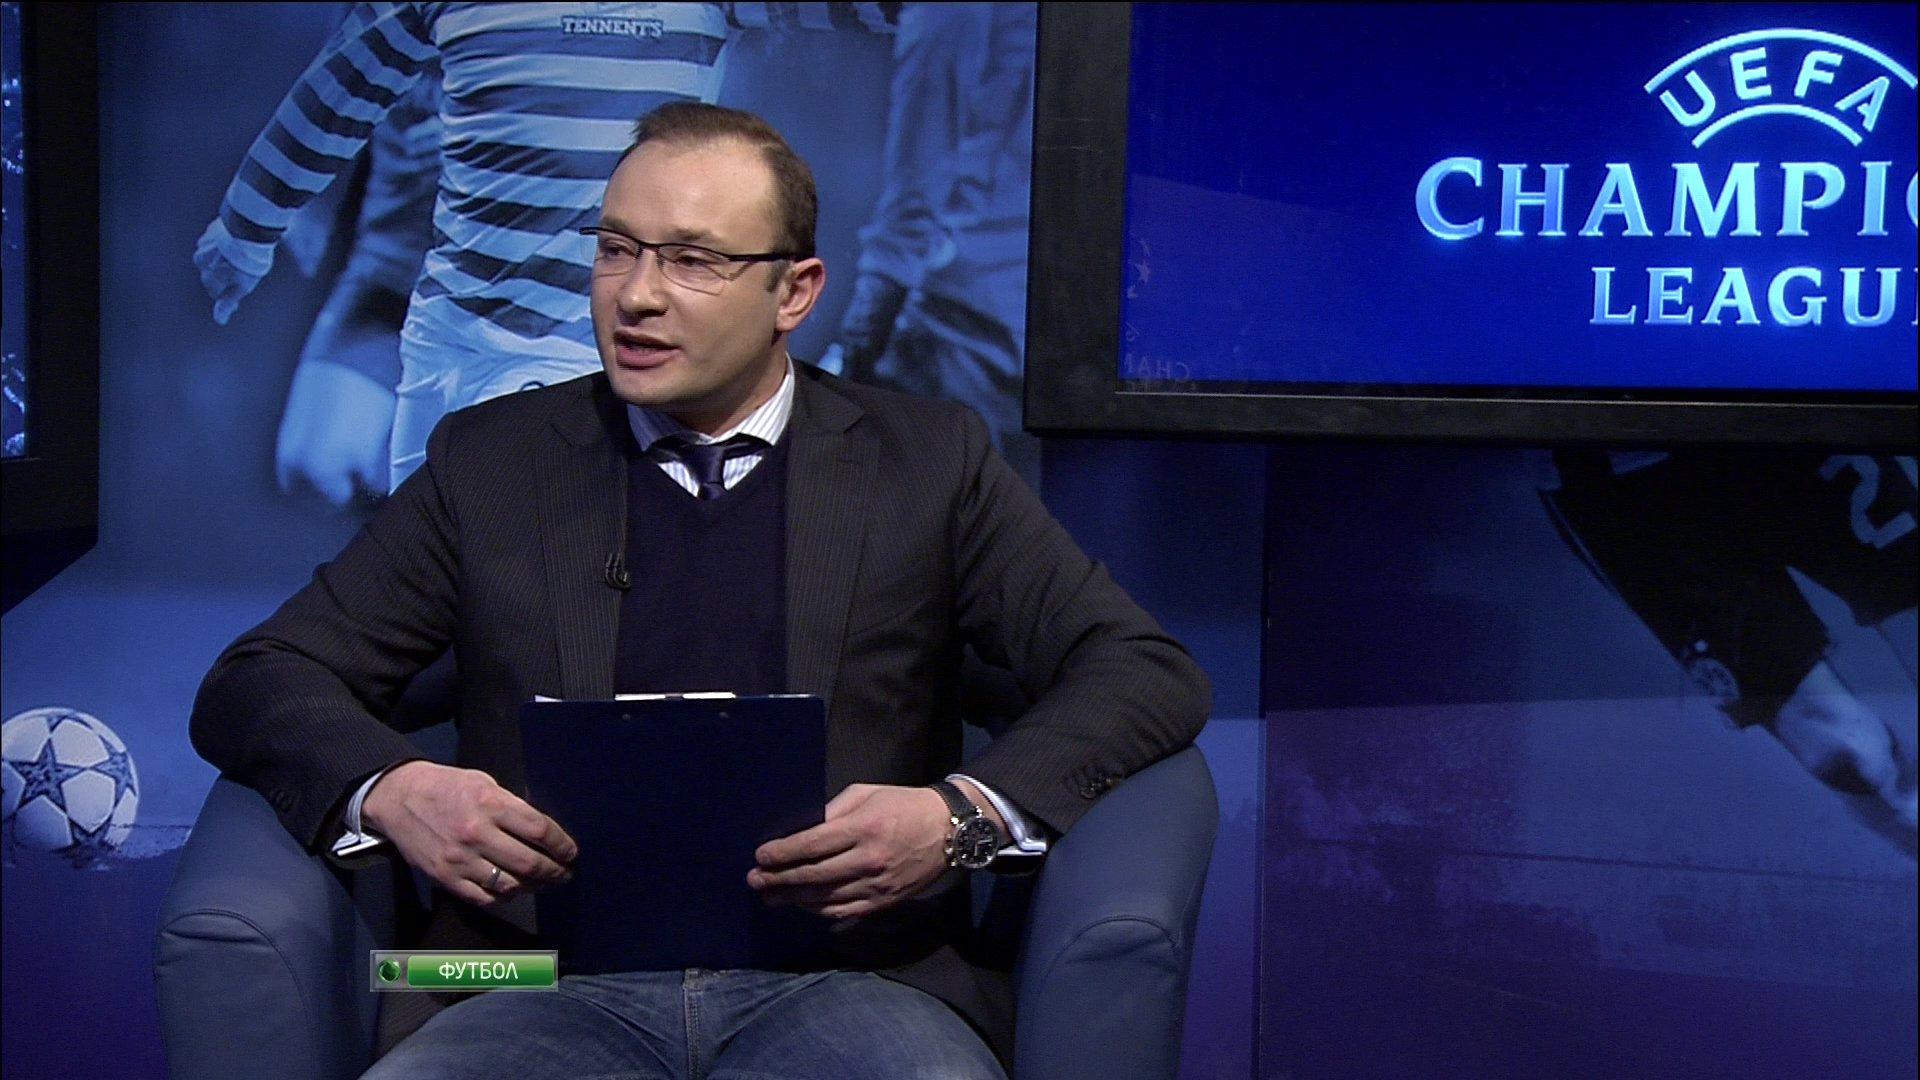 ГЕНИЧ: «Спарта» - команда неприятная, меньше всех пропускает в своем чемпионате, но недооценки Слуцкий не допустит - ЦСКА дома забьет минимум дважды